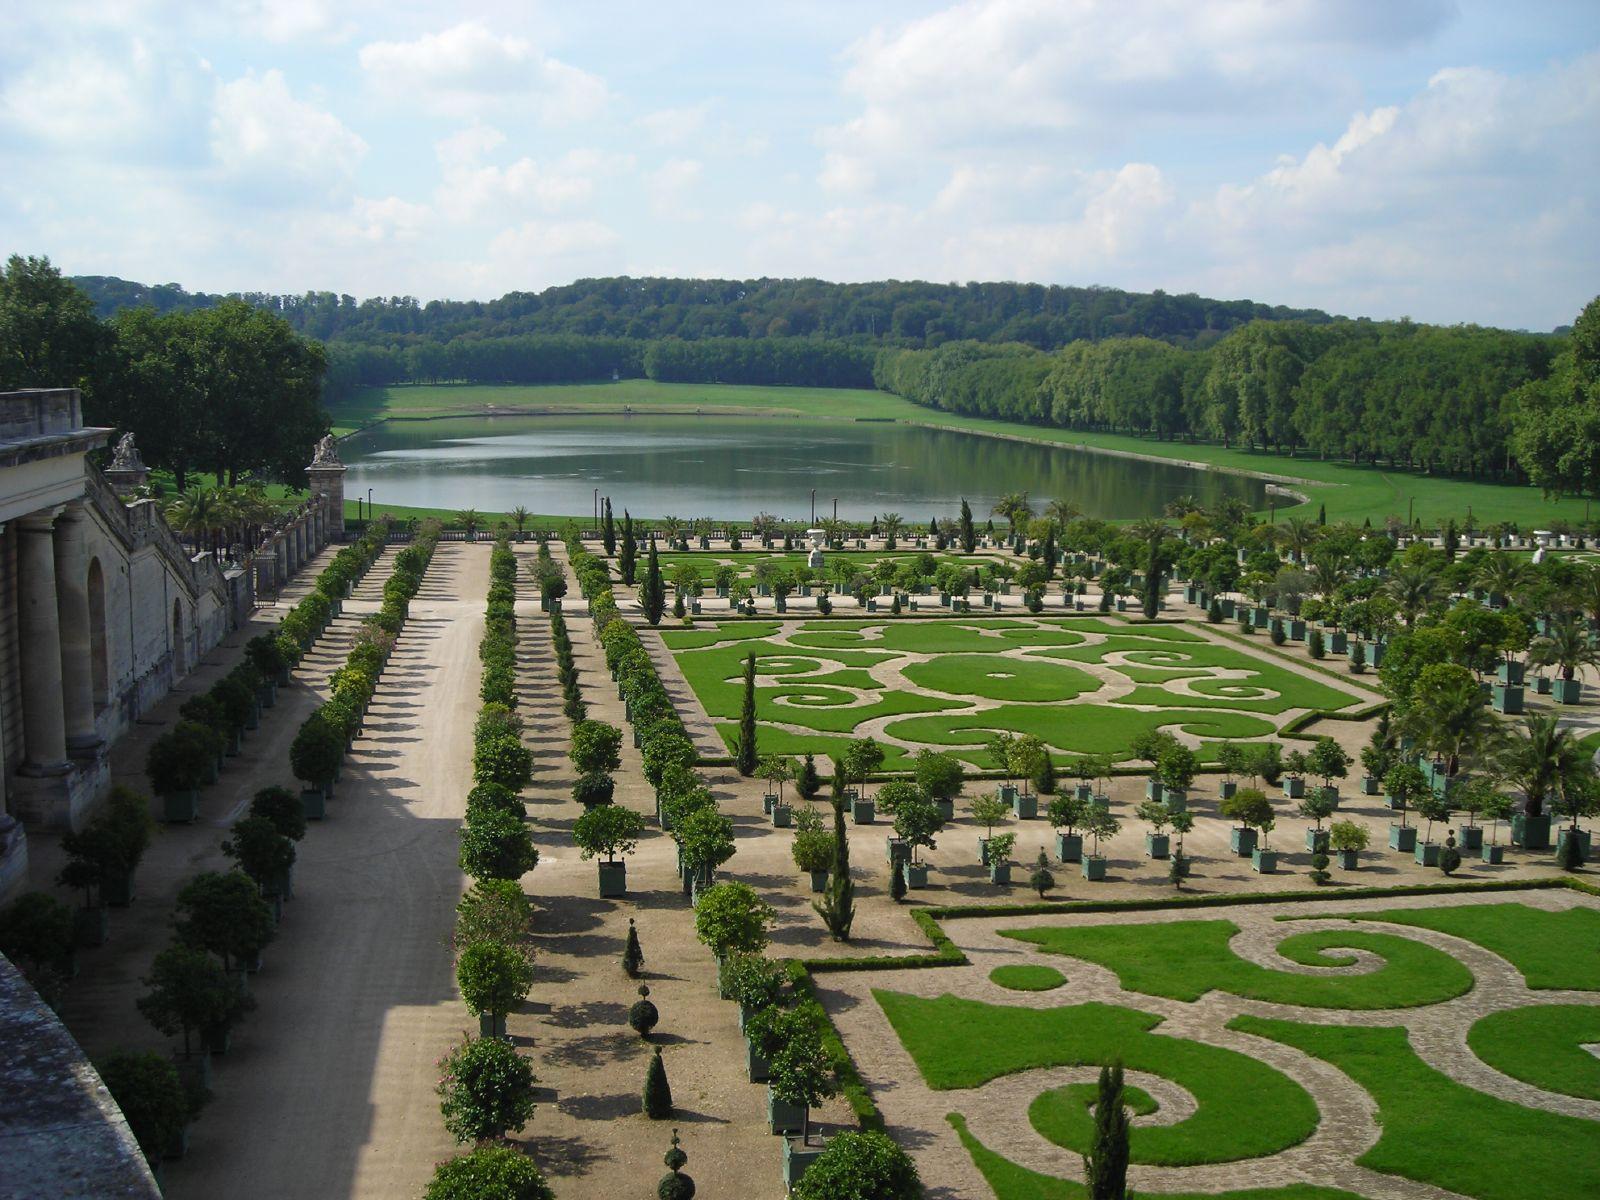 افضل الانشطة بحدائق التويلري فى فرنسا | روعه وجمال حدائق التويلرى فرنسا